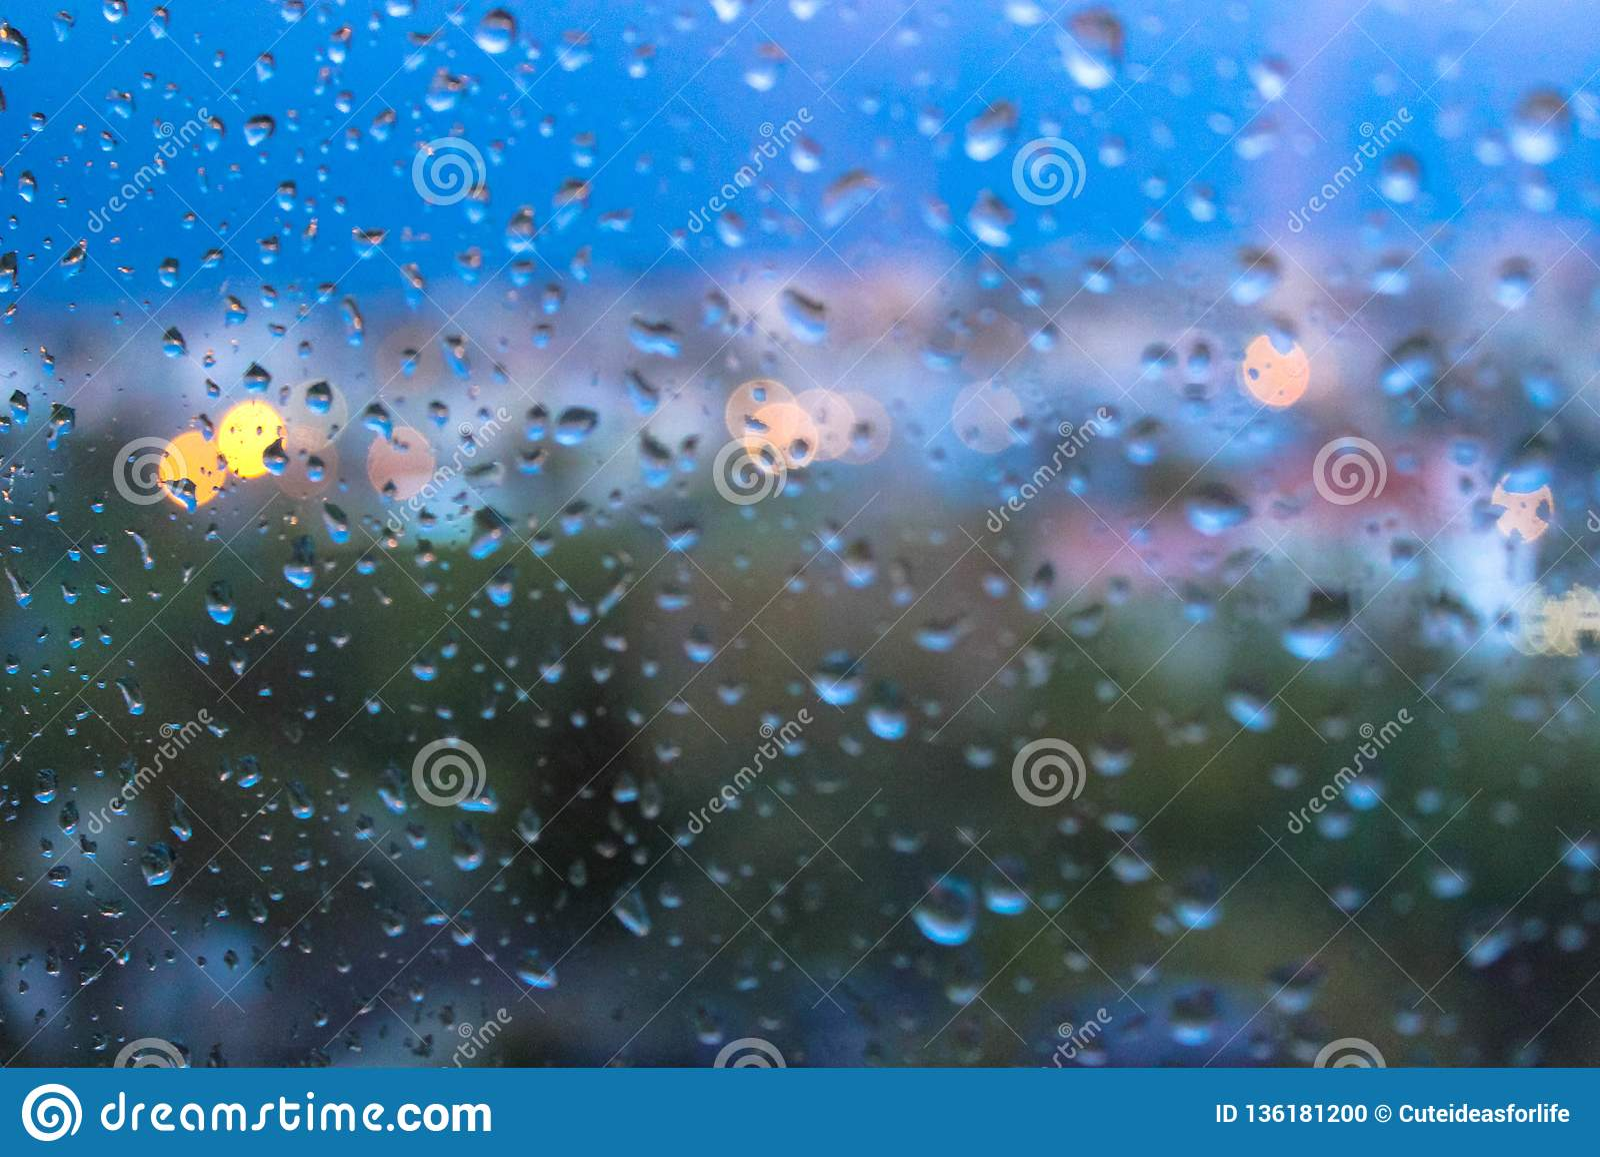 Gotas de agua en superficie de los vidrios de la ventana